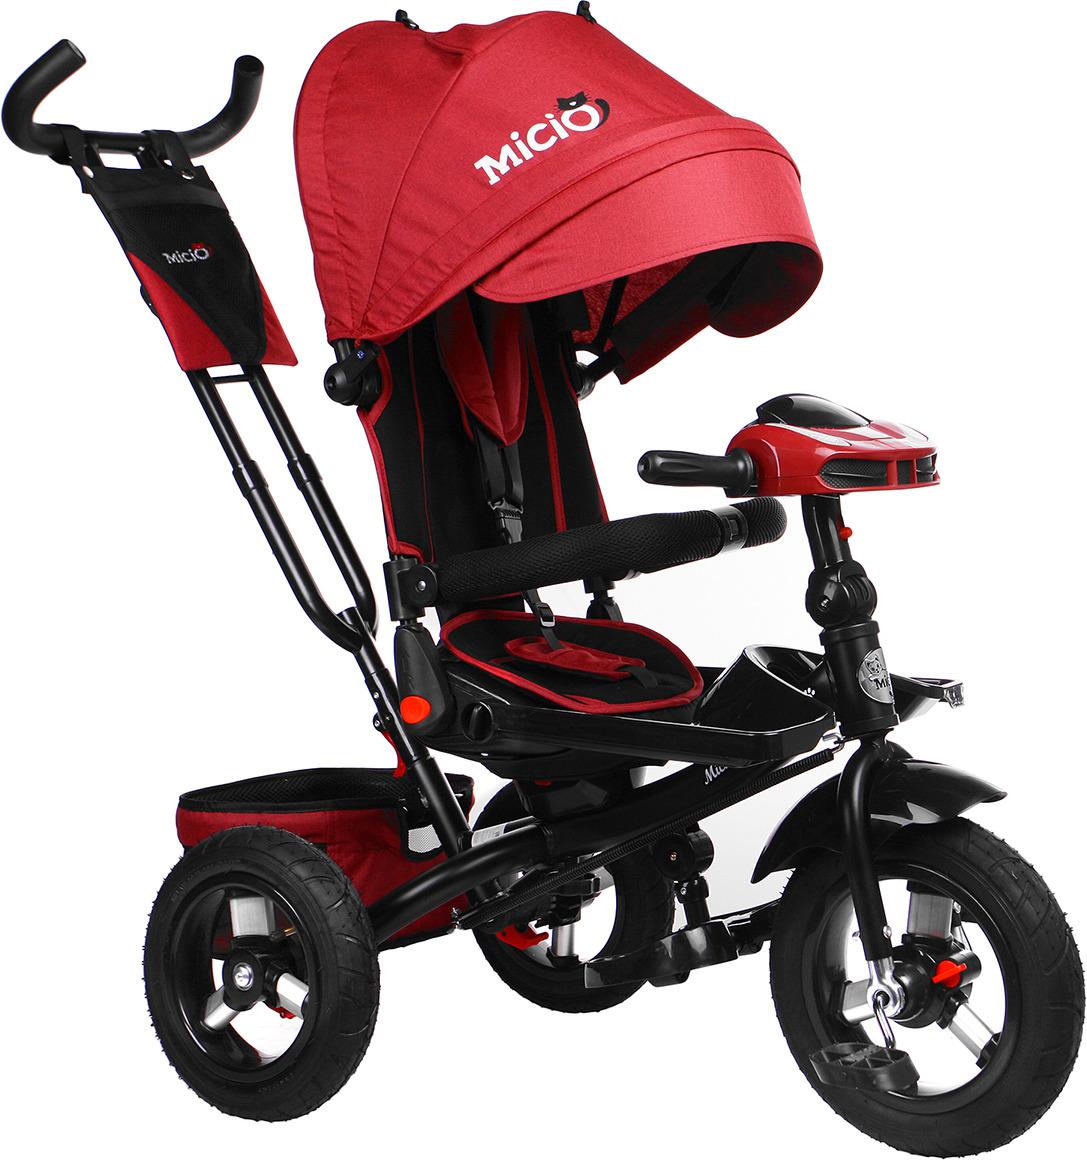 Велосипед трехколесный детский Micio Comfort Plus 2019, 3871495, красный